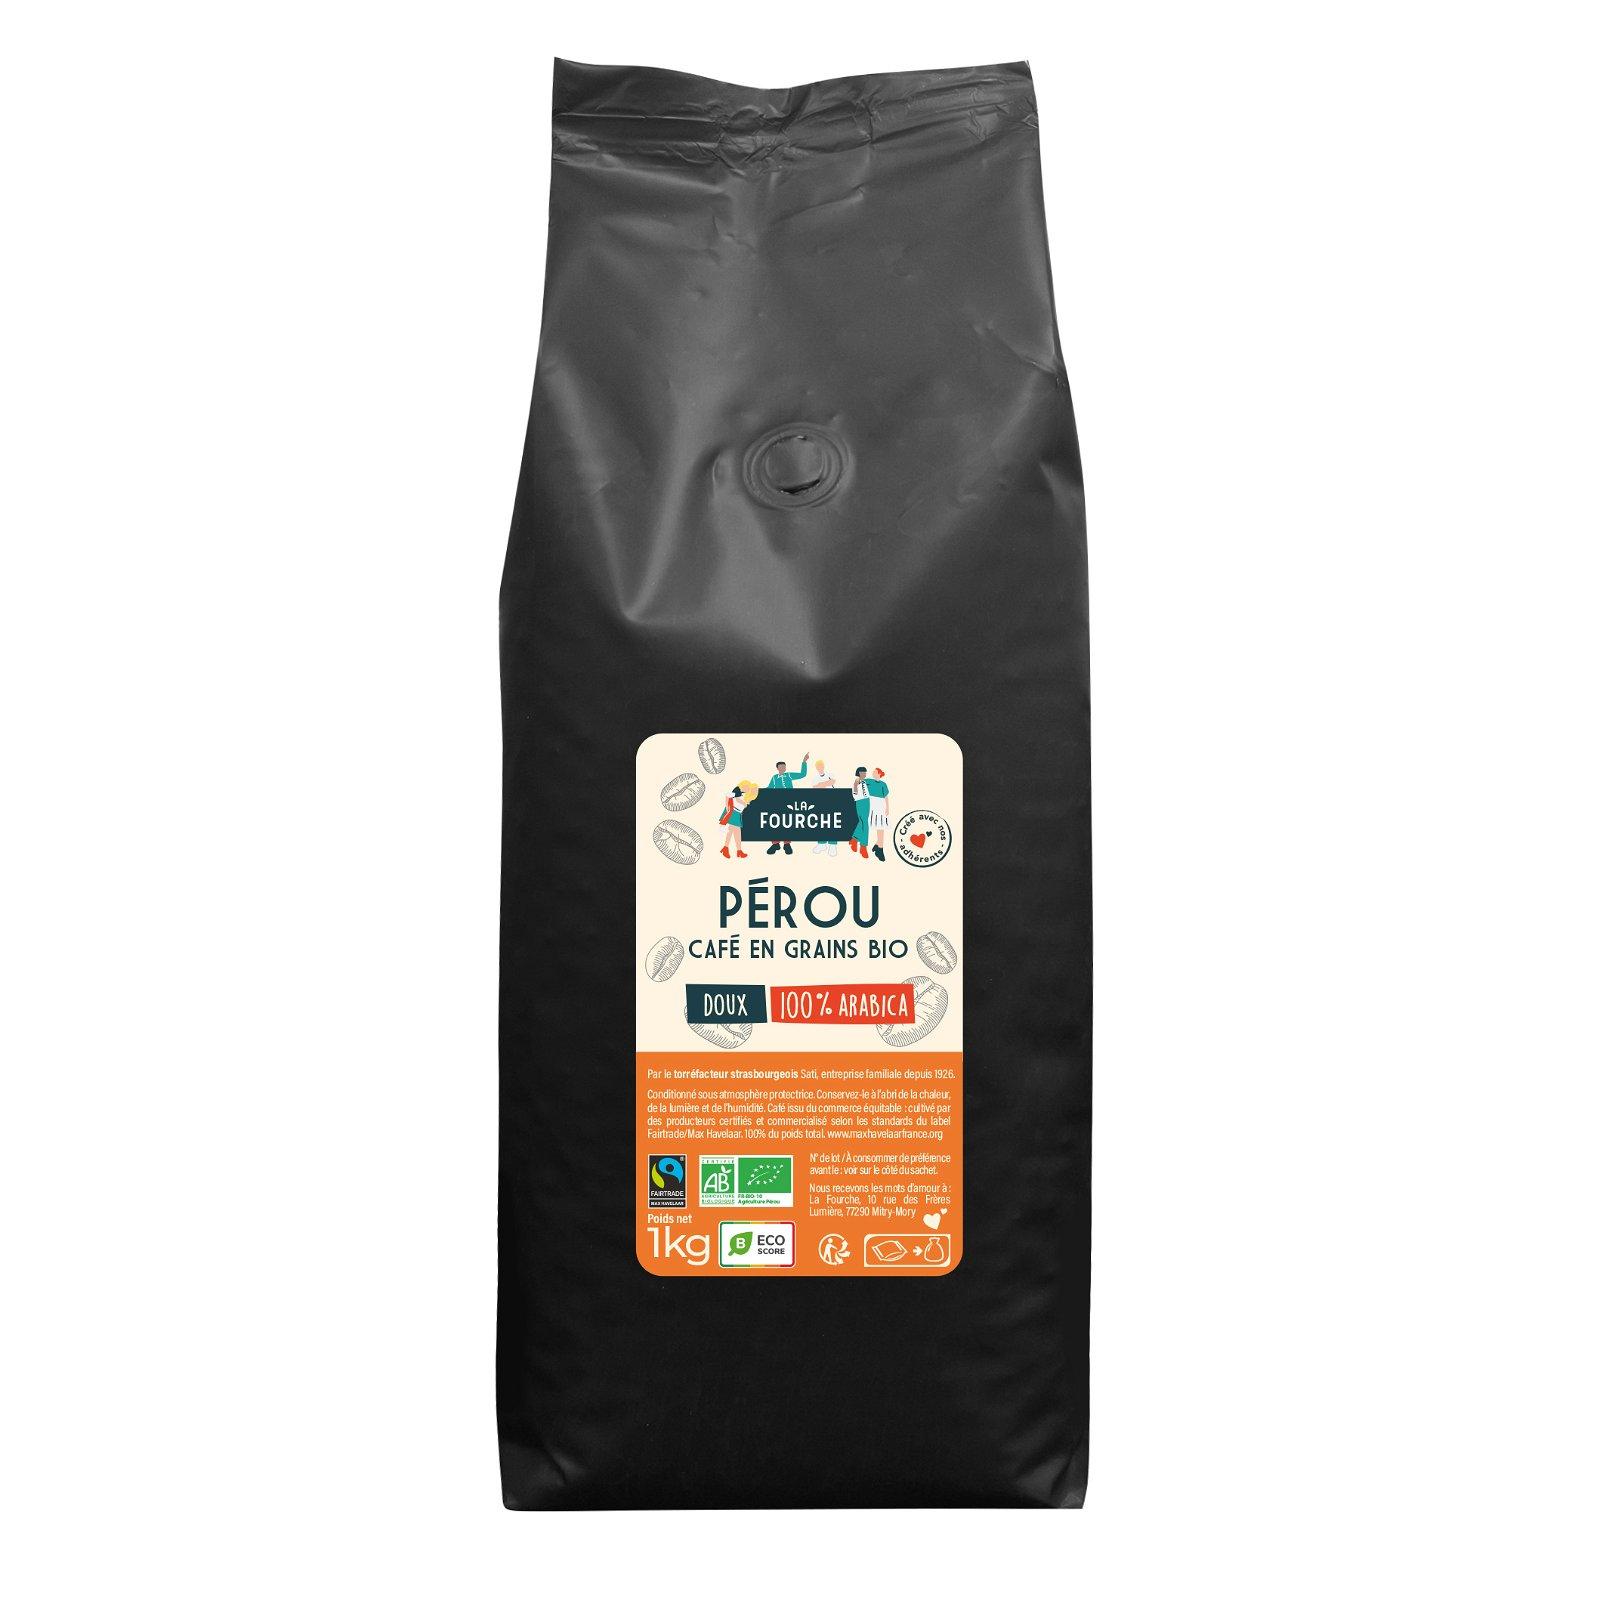 img-la-fourche-cafe-en-grains-doux-arabica-perou-bio-equitable-1kg